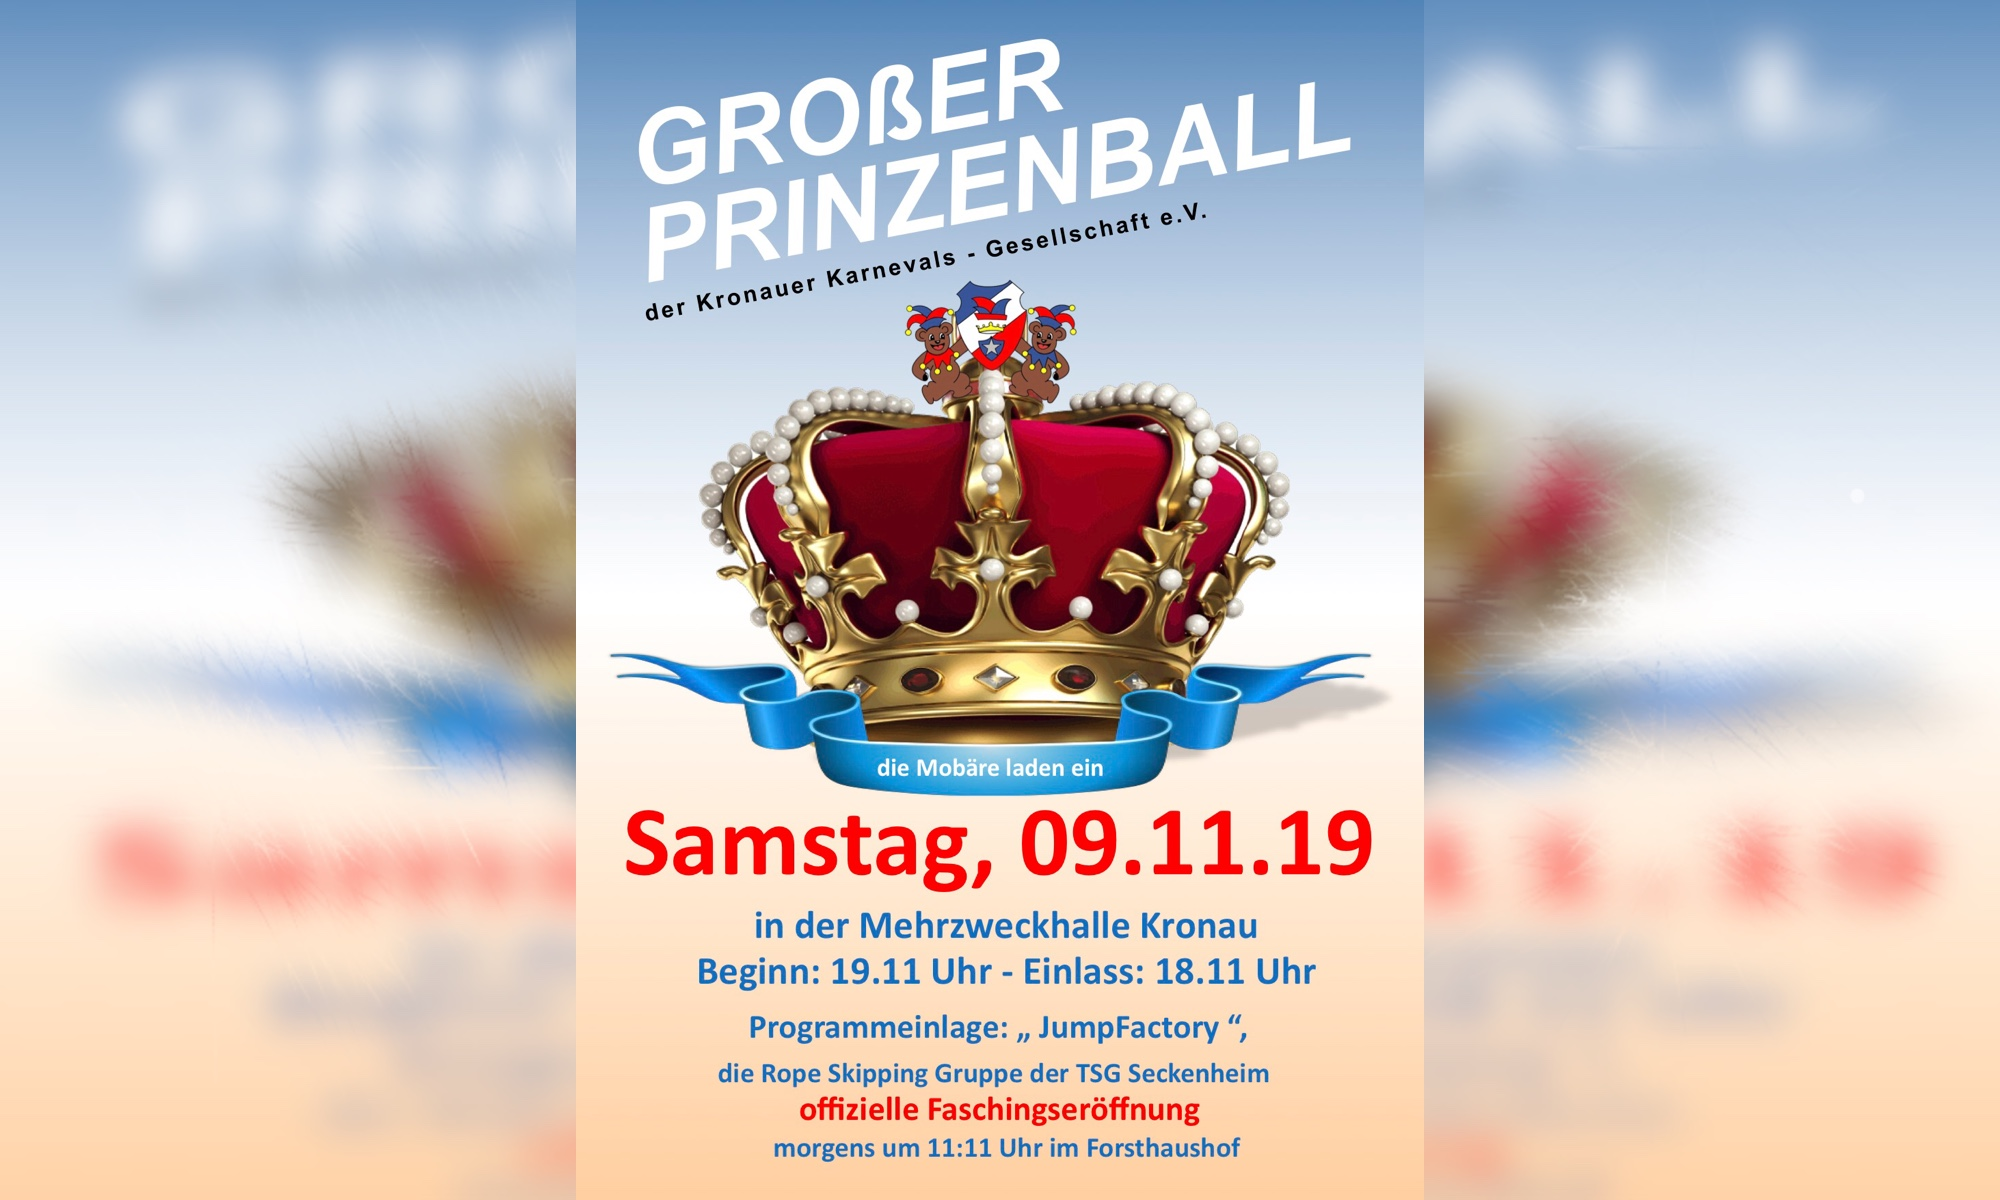 Kronauer Karnevalsgesellschaft e.V.